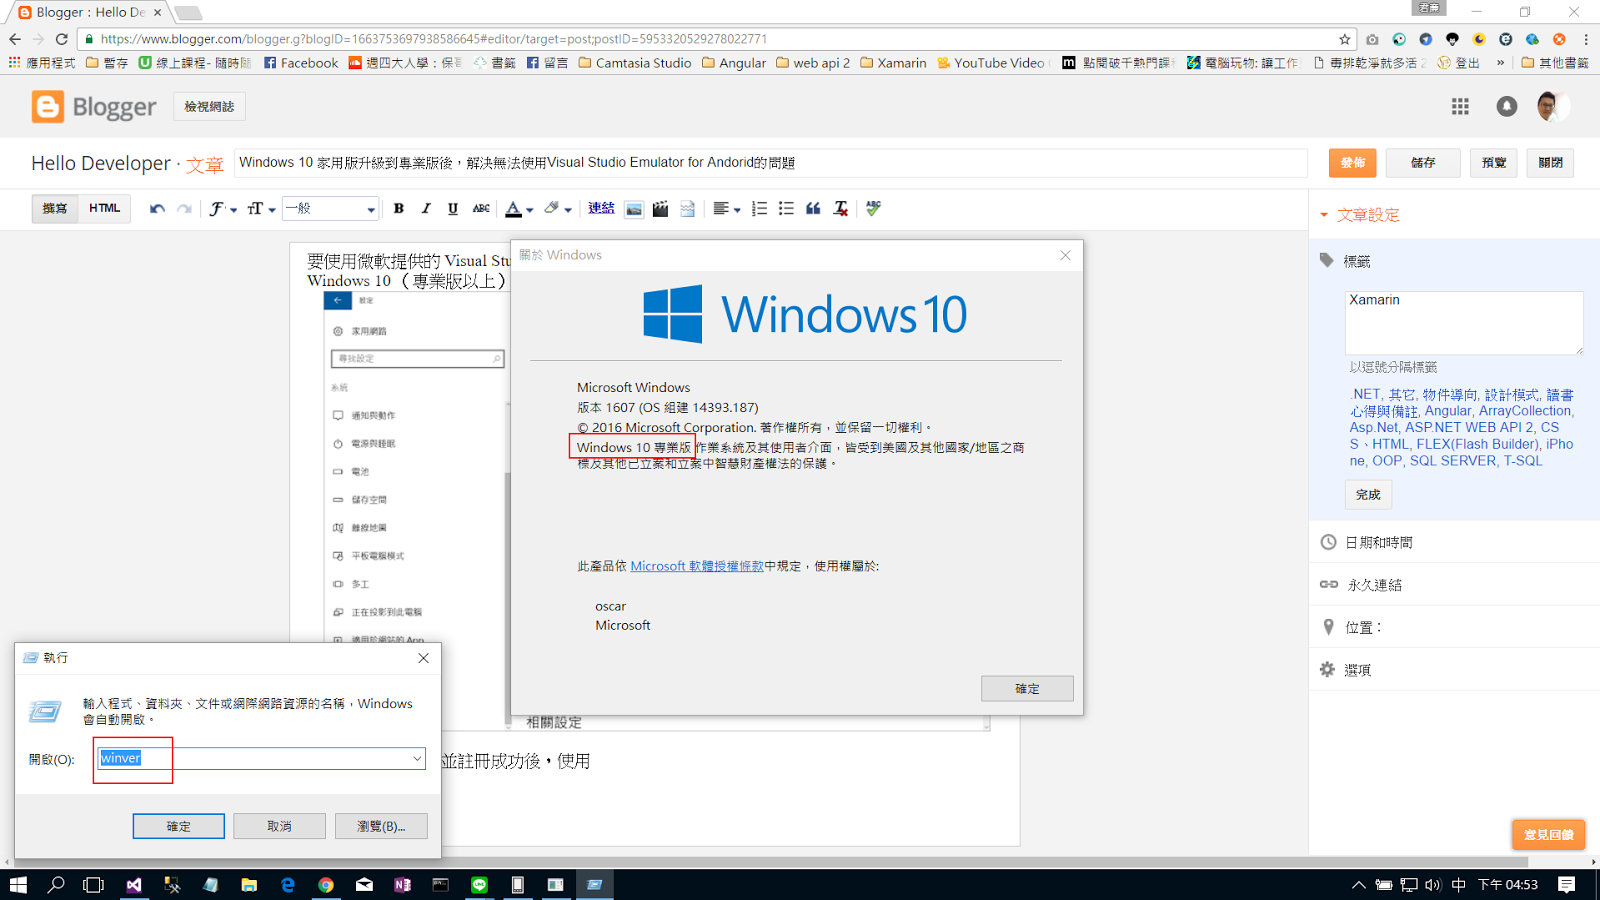 Hello Developer: Windows 10 家用版升級到專業版後。解決無法使用Visual Studio Emulator for Andorid的問題